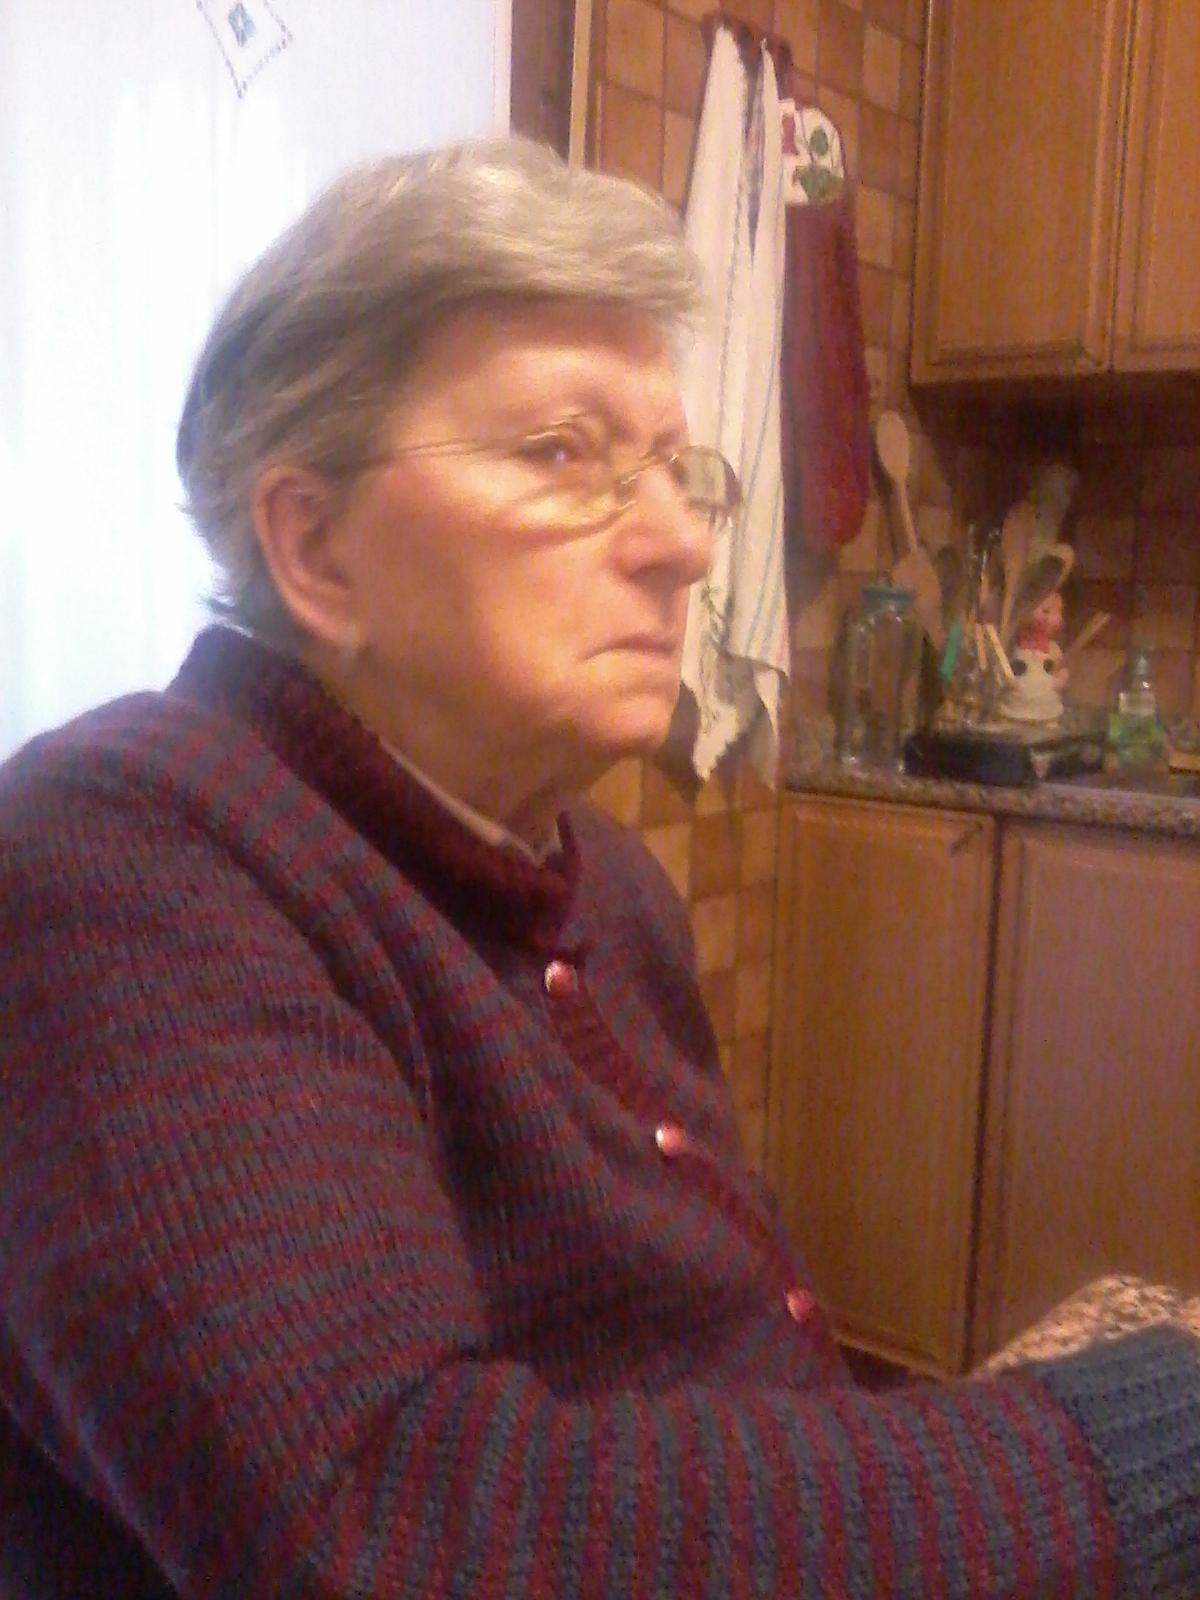 frasi per la nonna che sta male - Le frasi più belle da dedicare ai nonni 10elol